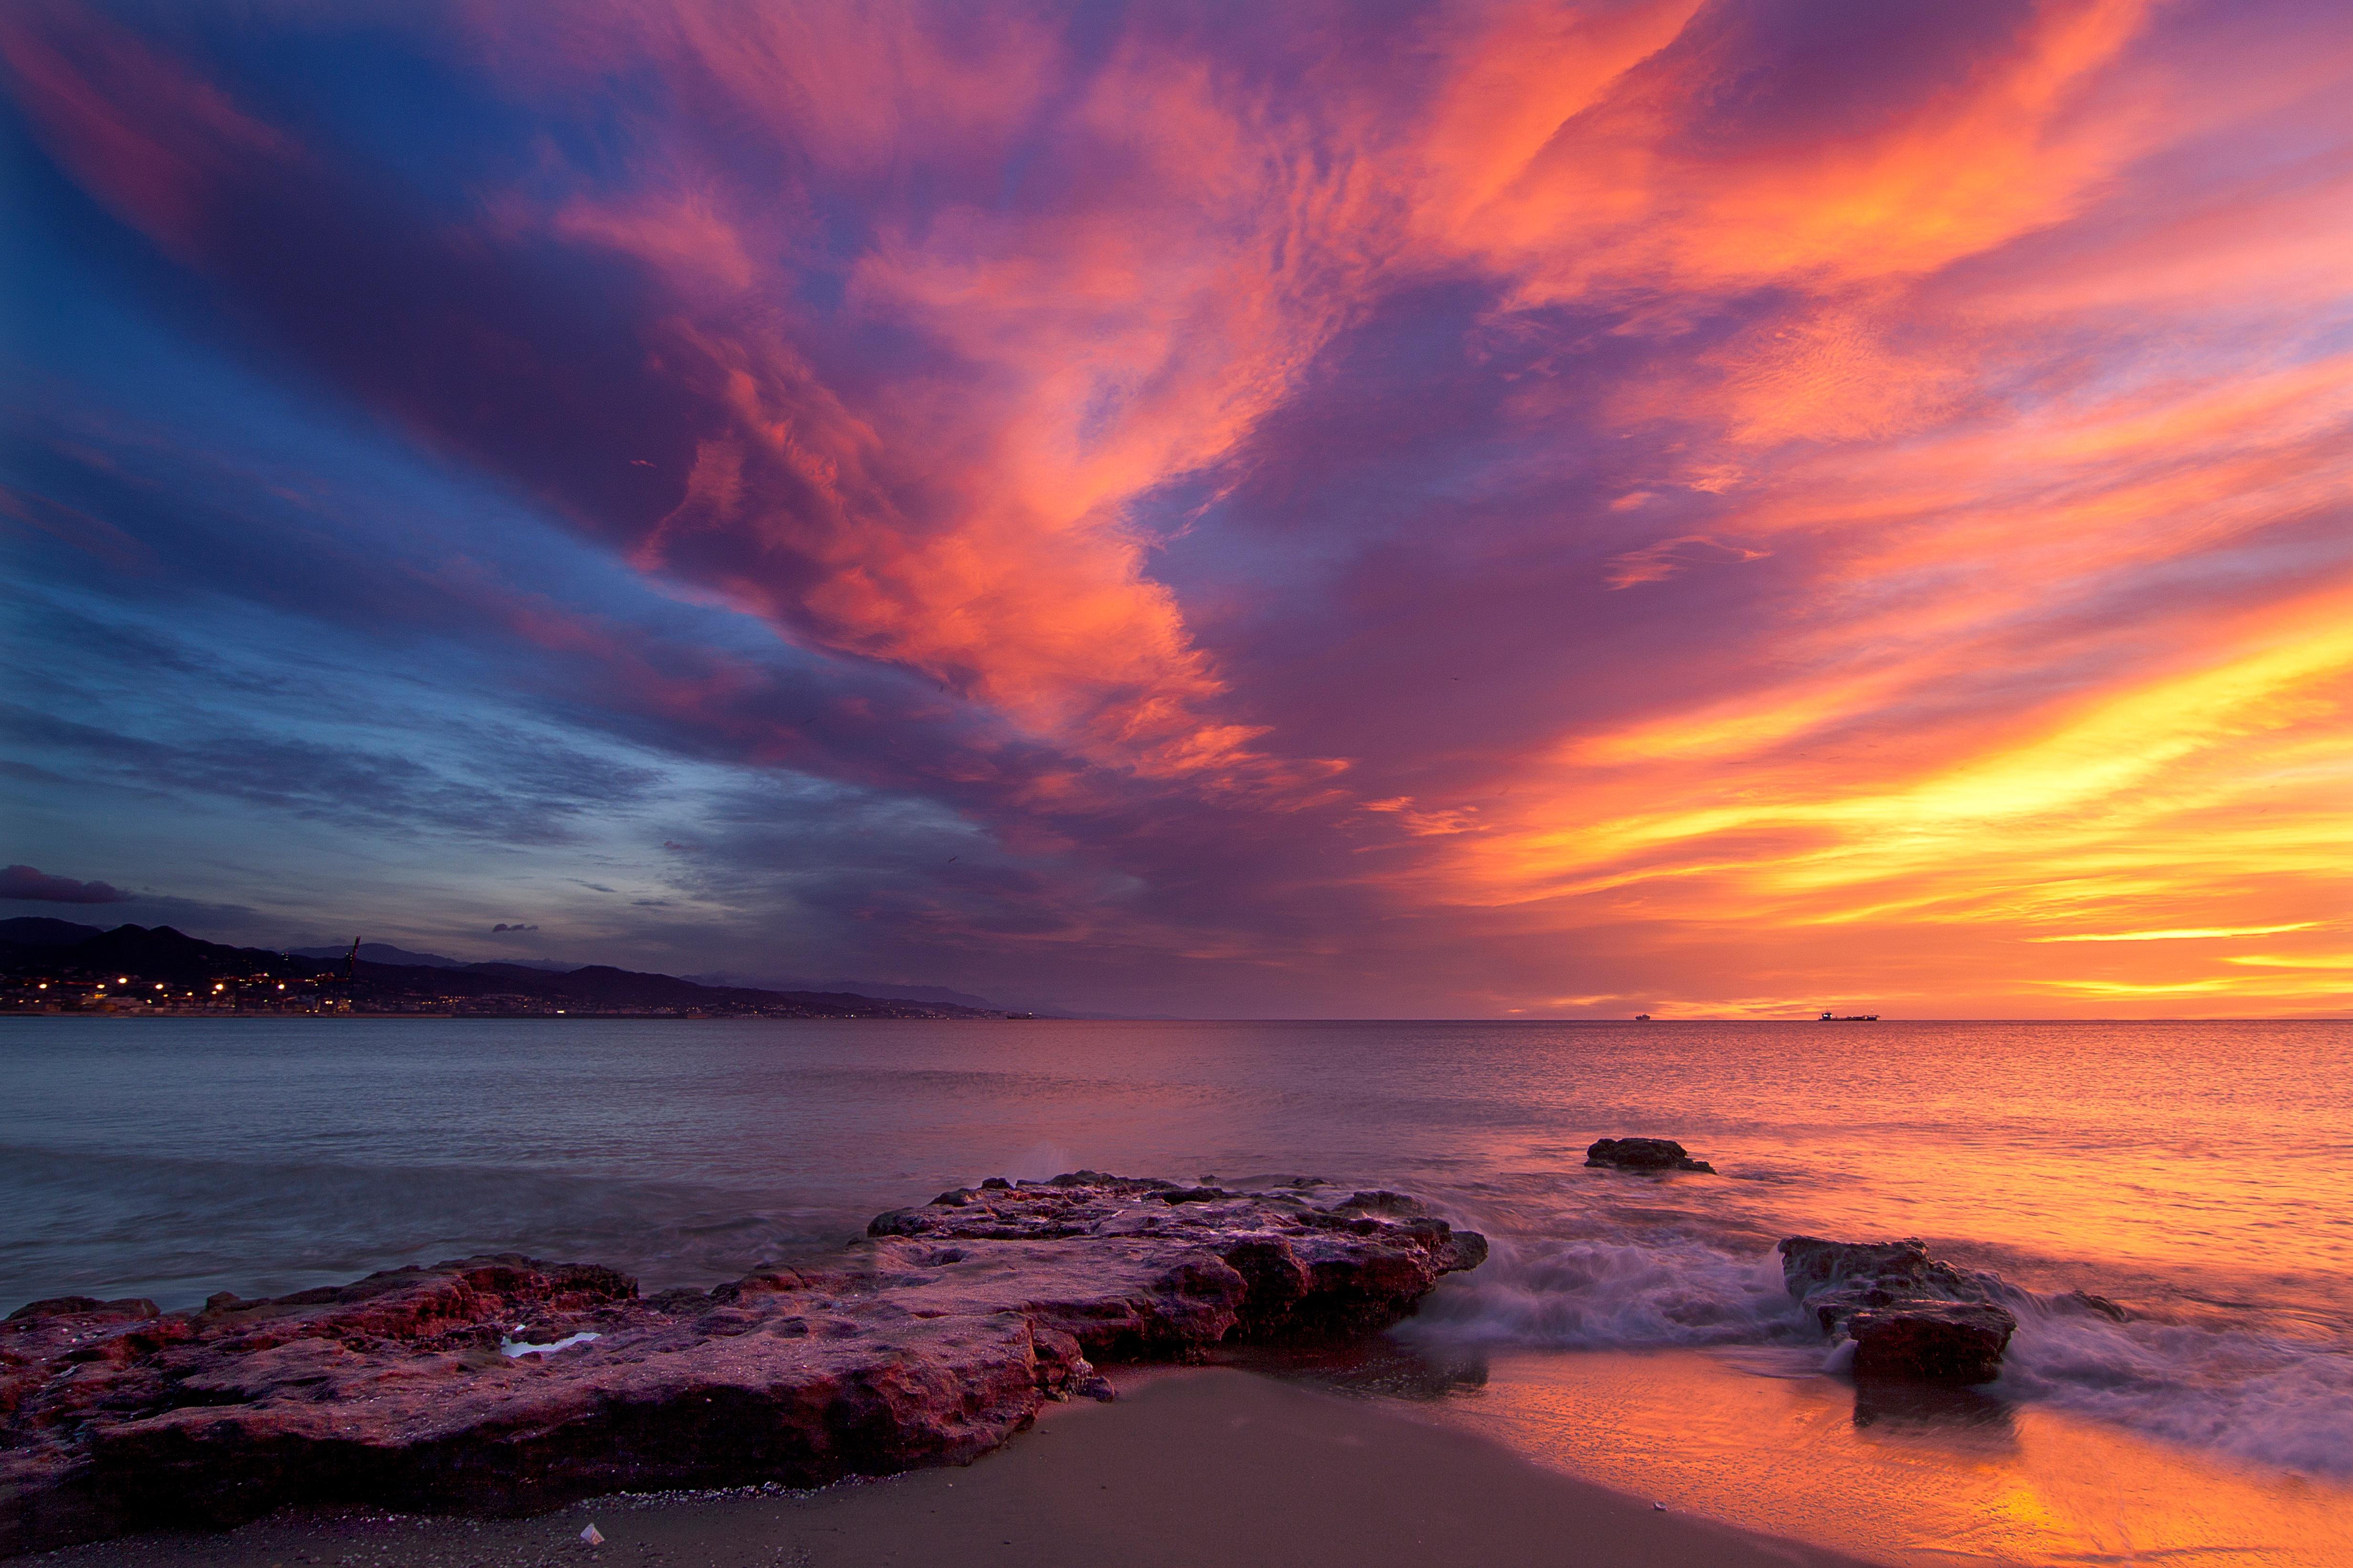 каждой картинки закат на берегу моря гонщик доминирующая фигура